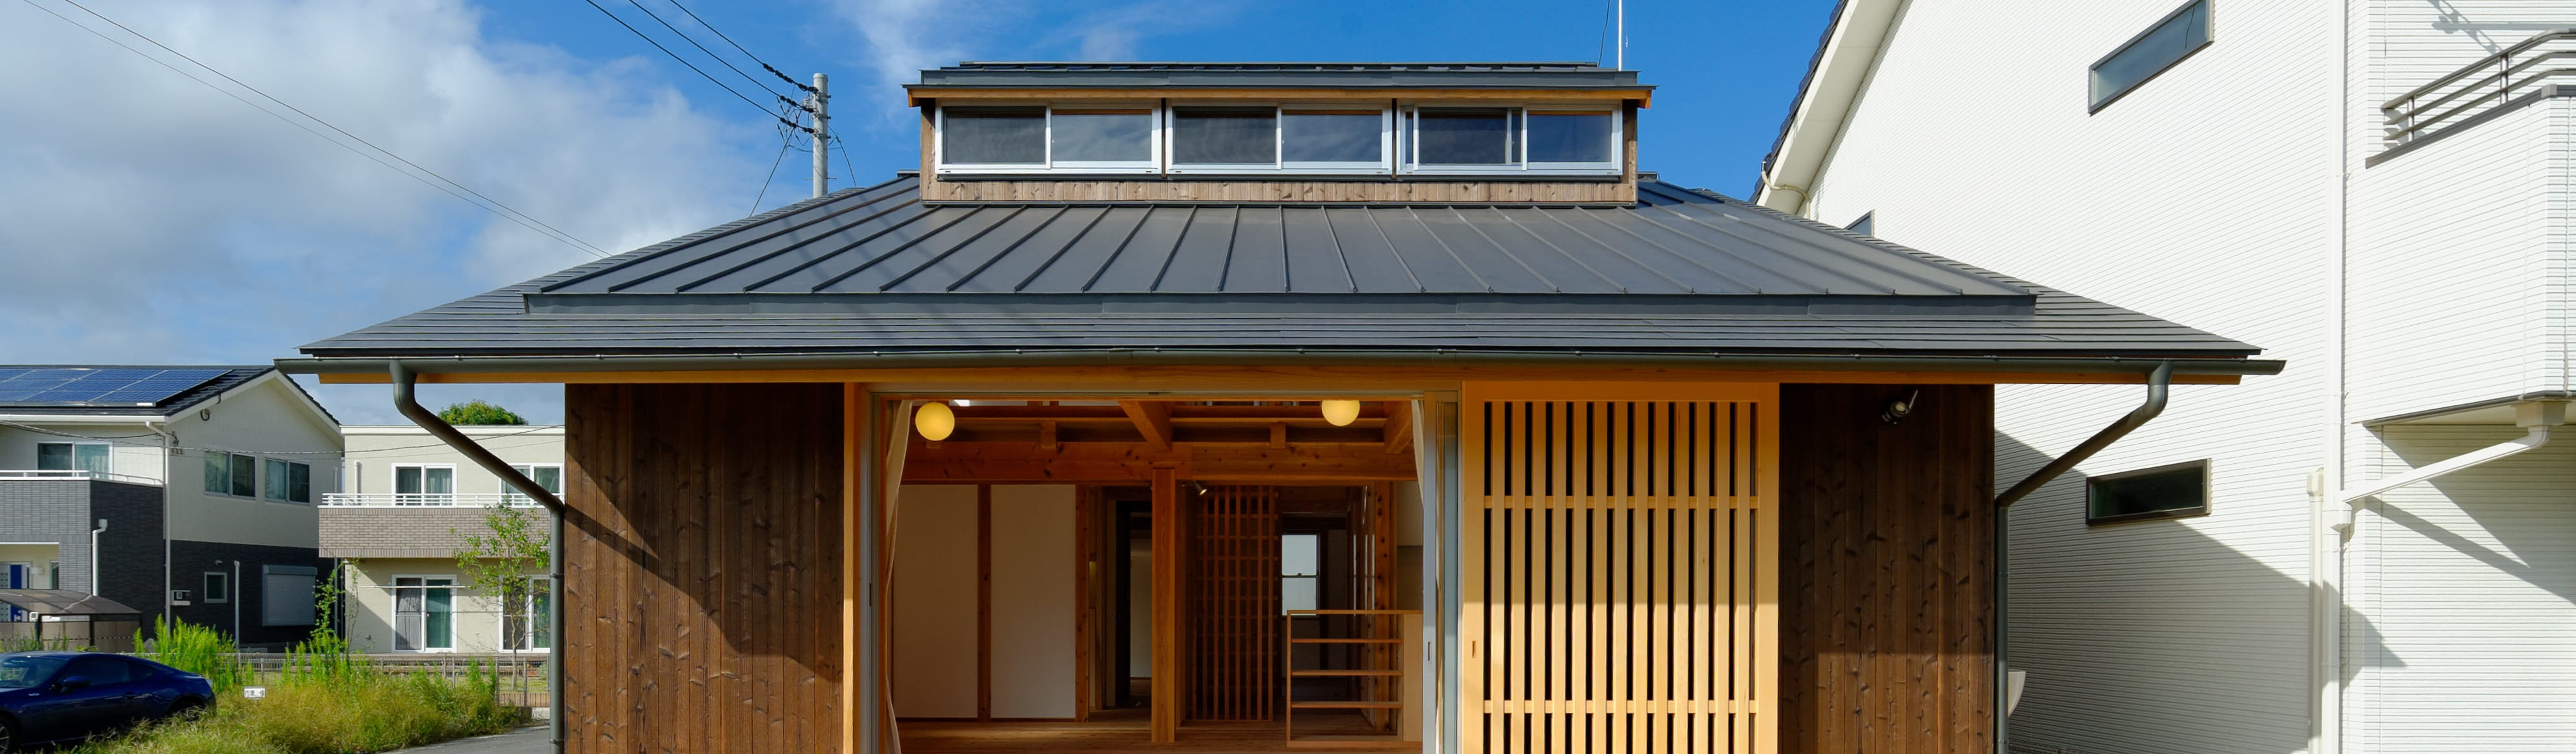 高野三上アーキテクツ一級建築設計事務所  TM Architects